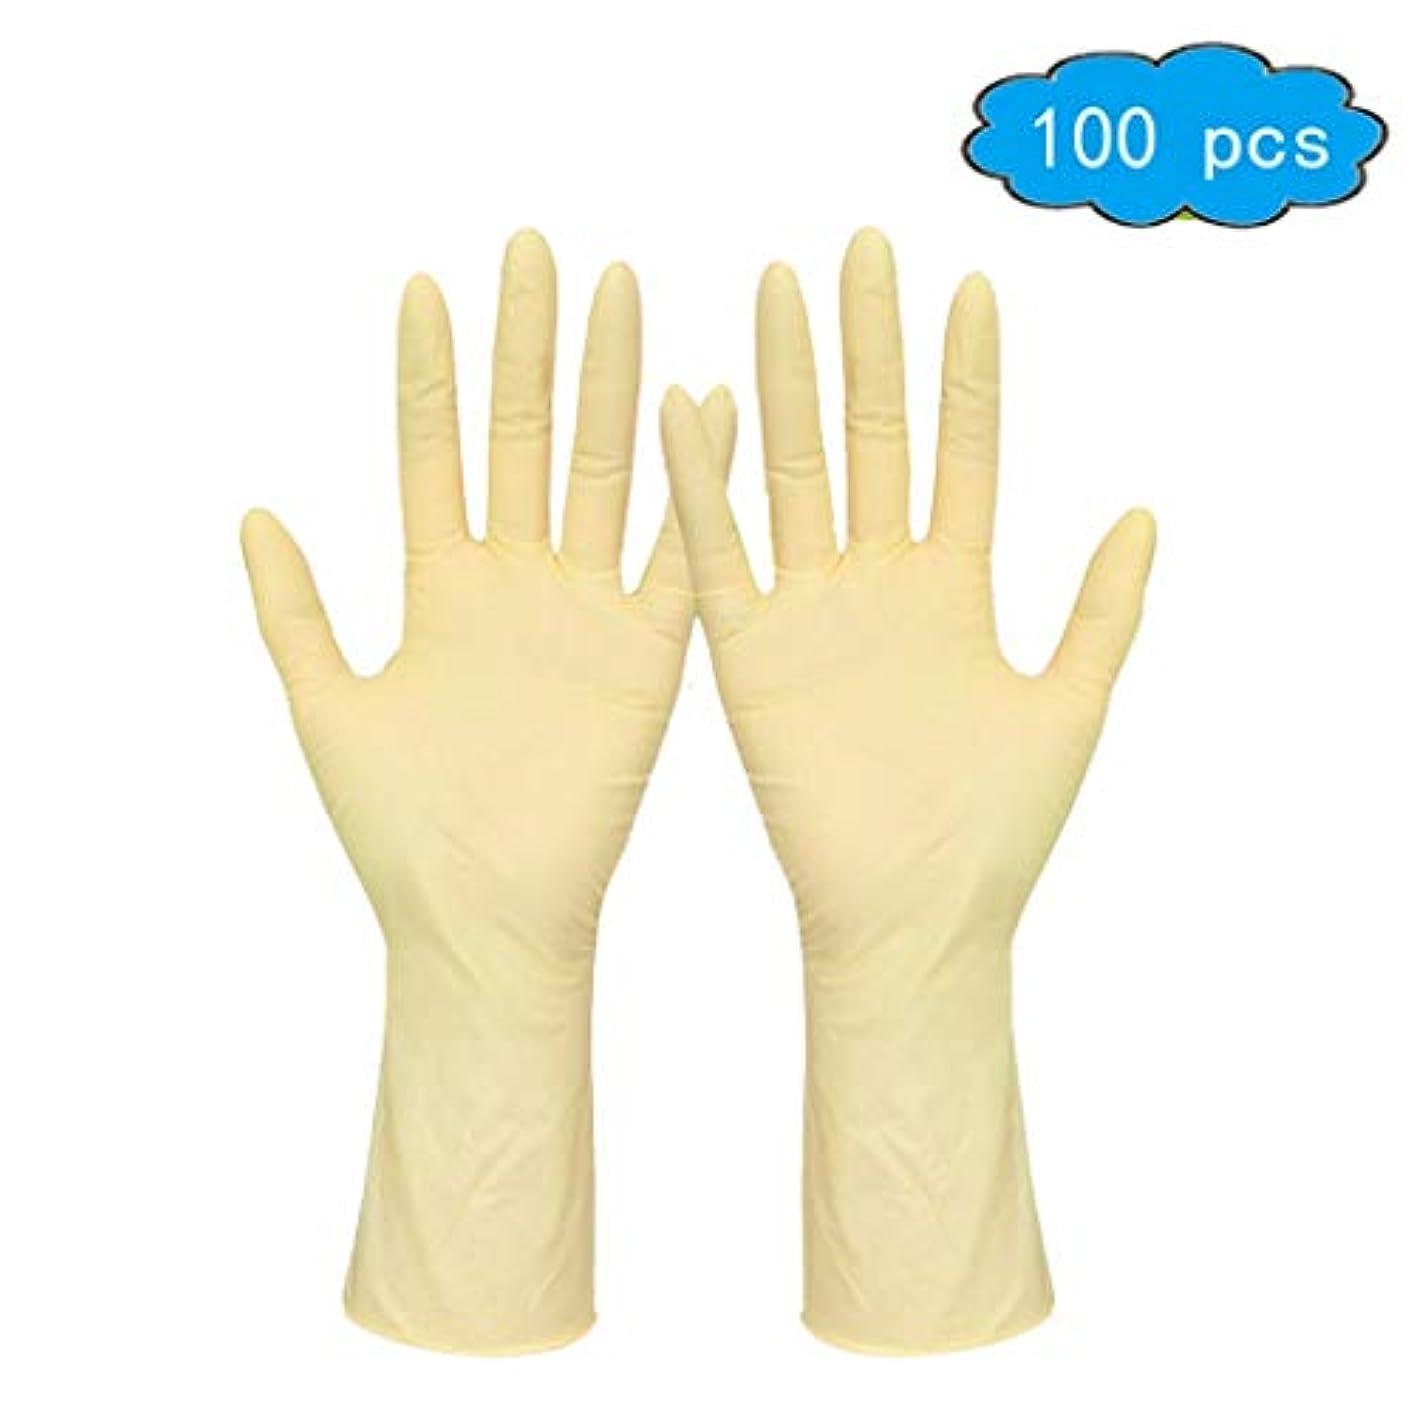 想定タワー納屋ラテックスグローブパウダーフリー/使い捨て食品準備調理用グローブ/キッチンフードサービスクリーニンググローブ(大)100手袋、非滅菌使い捨て安全手袋 (Color : Beige, Size : S)